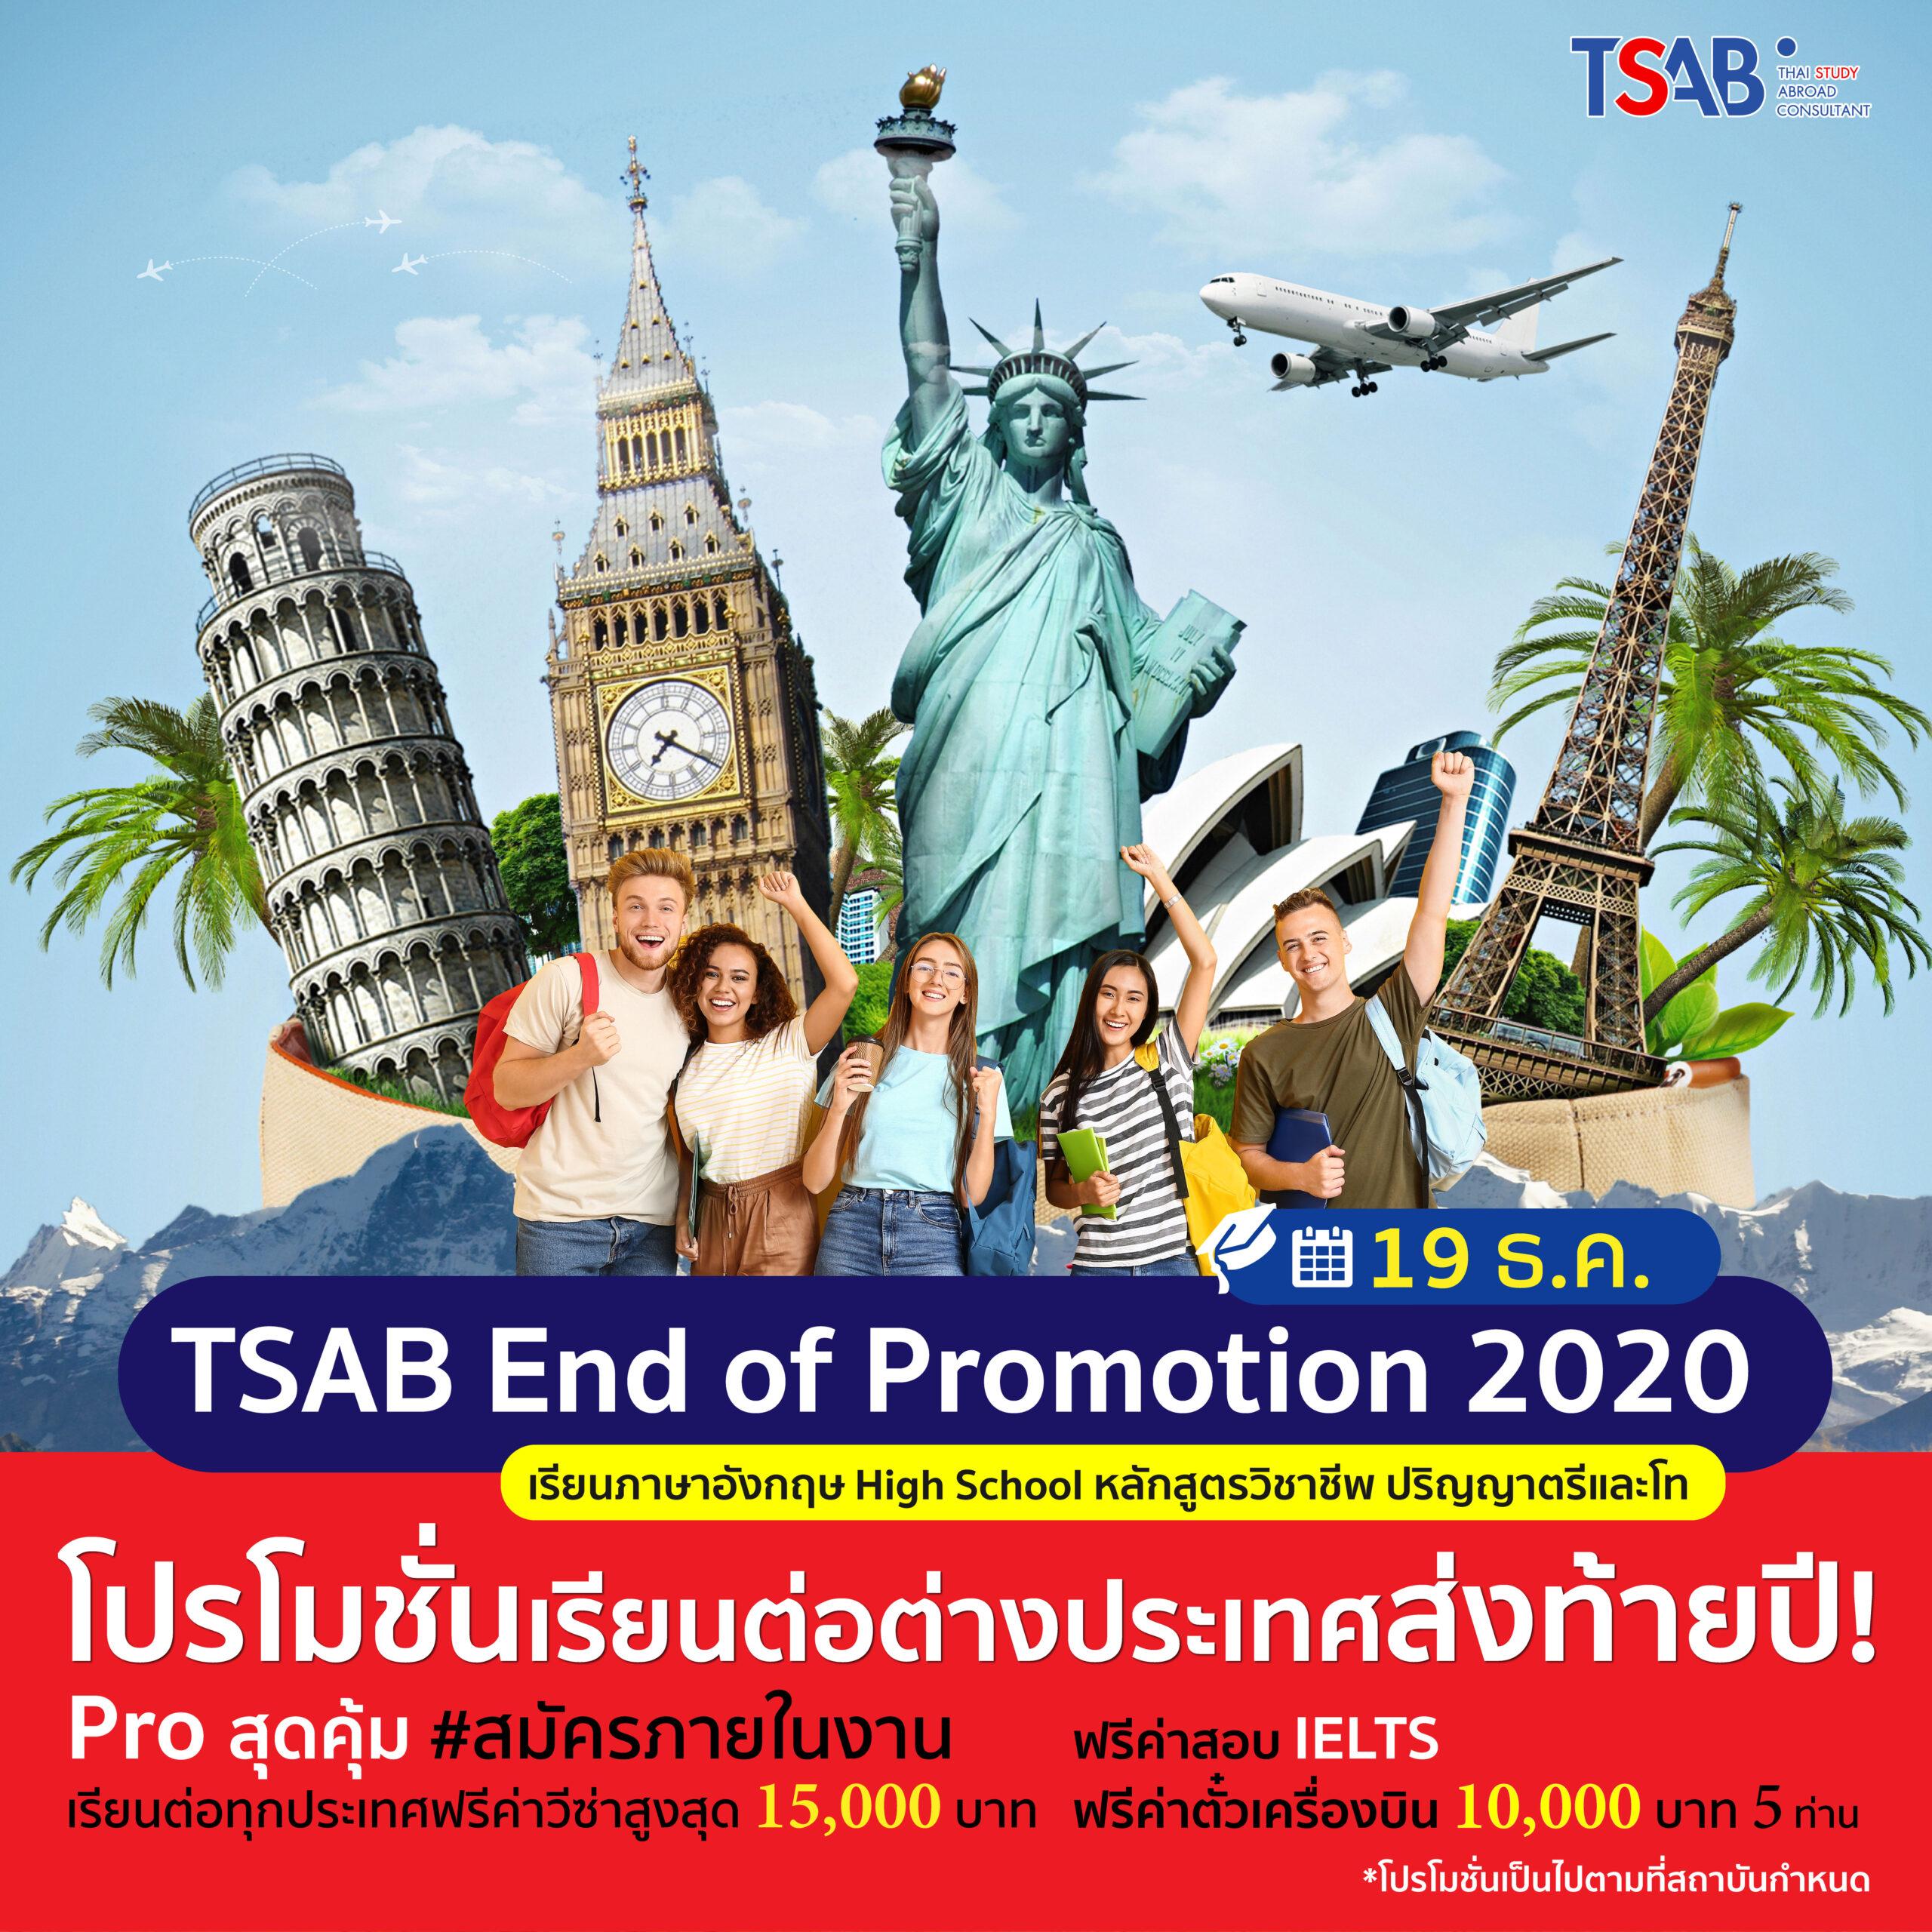 TSAB End of Promotion